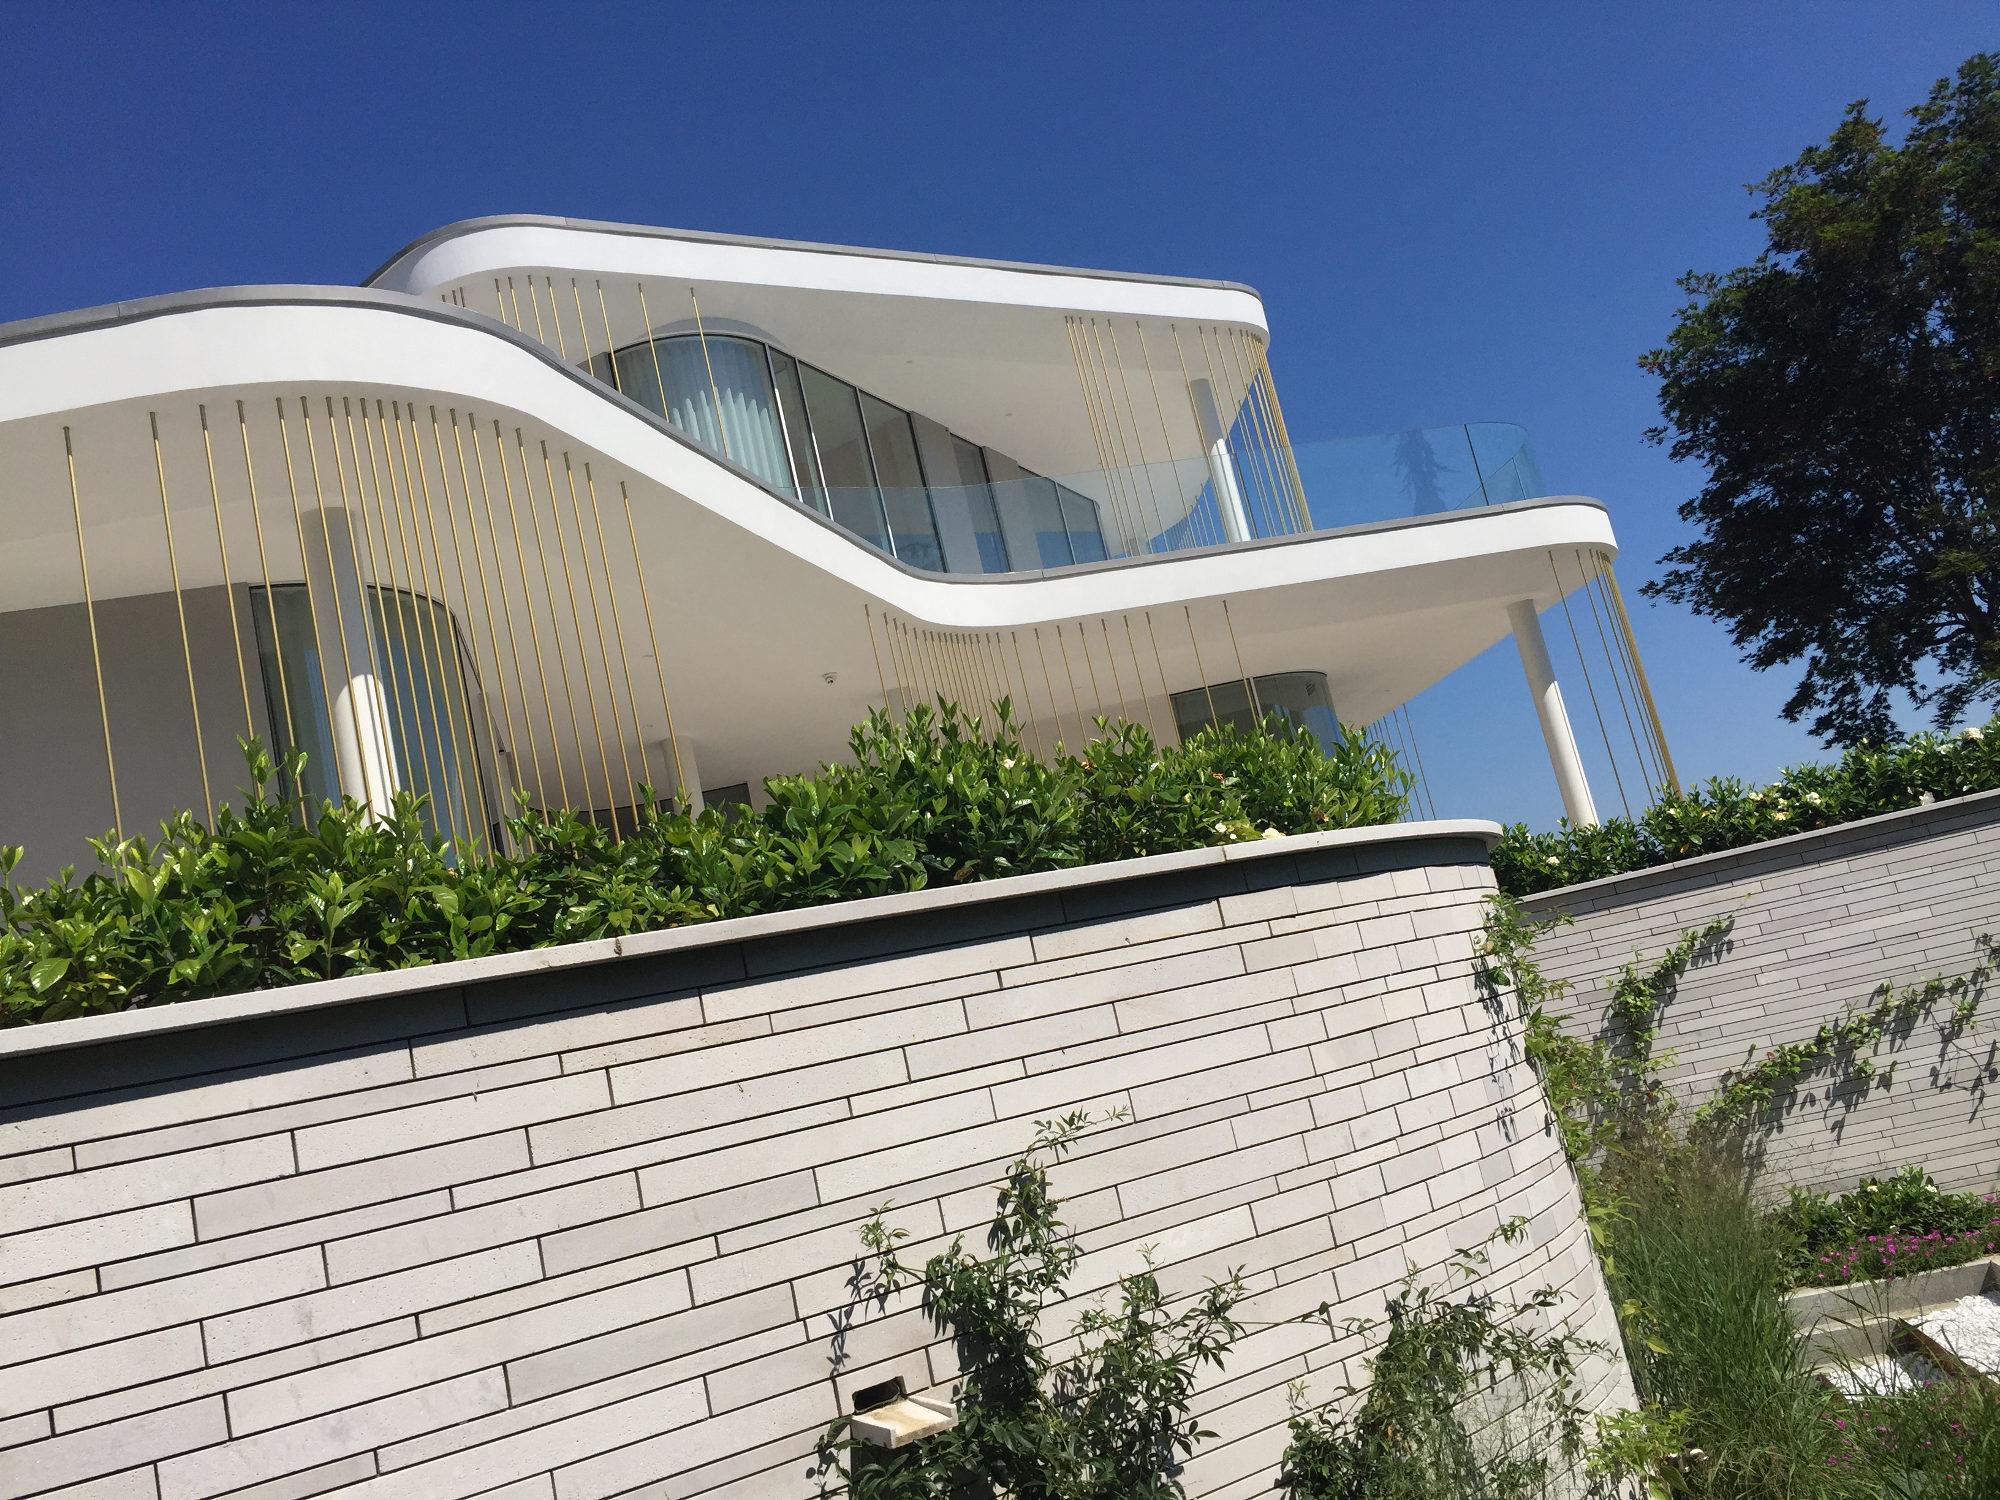 0718_RobertoManzetti-Architetto-NeuHouse-9